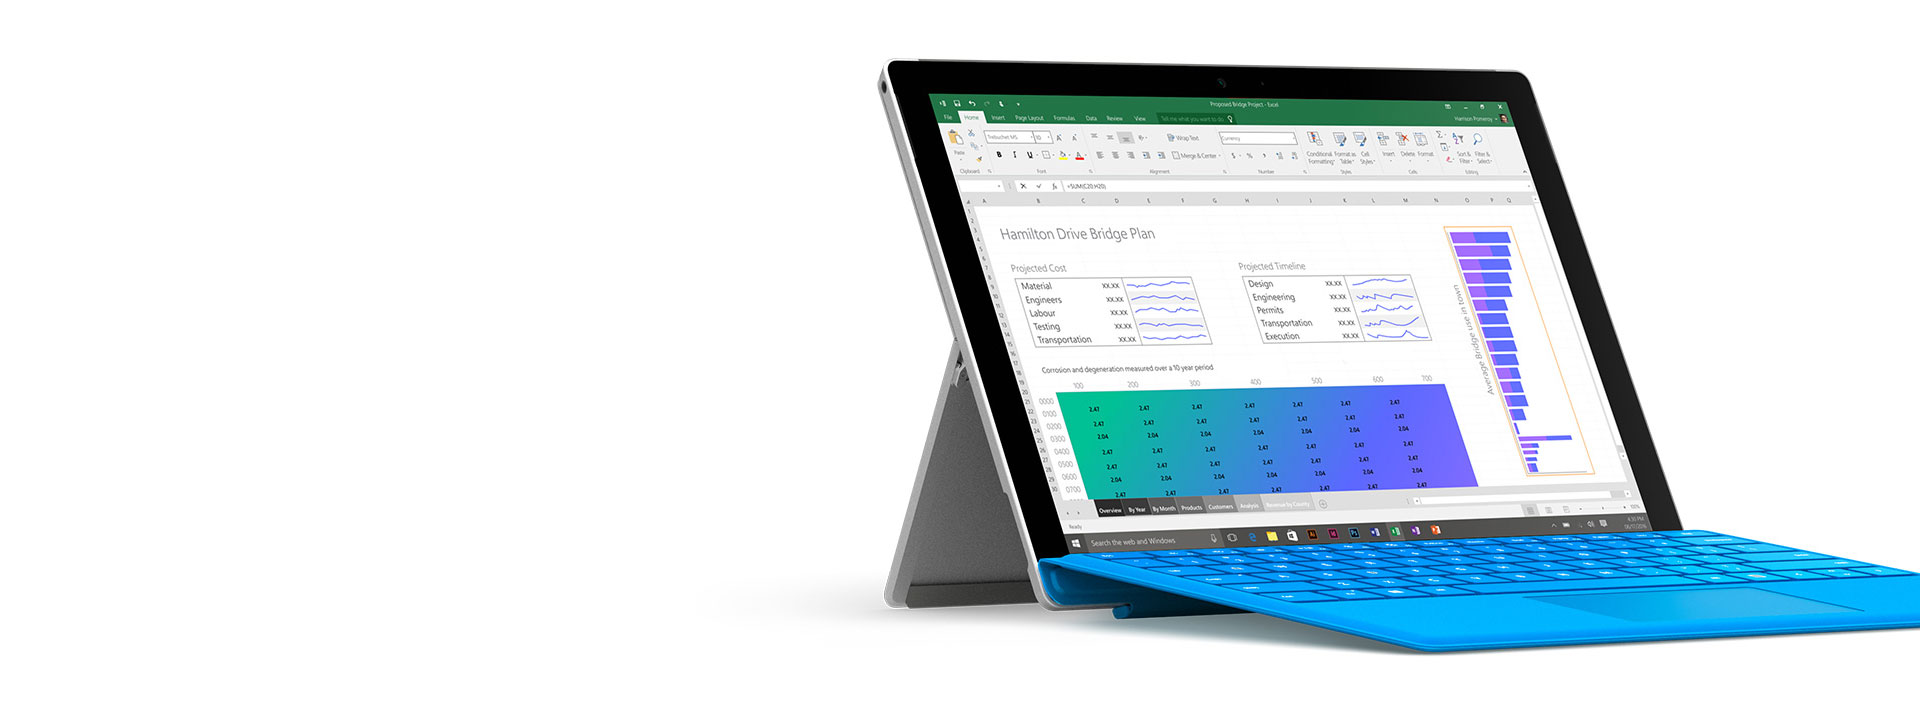 Surface Pro 4 con Office en la pantalla.